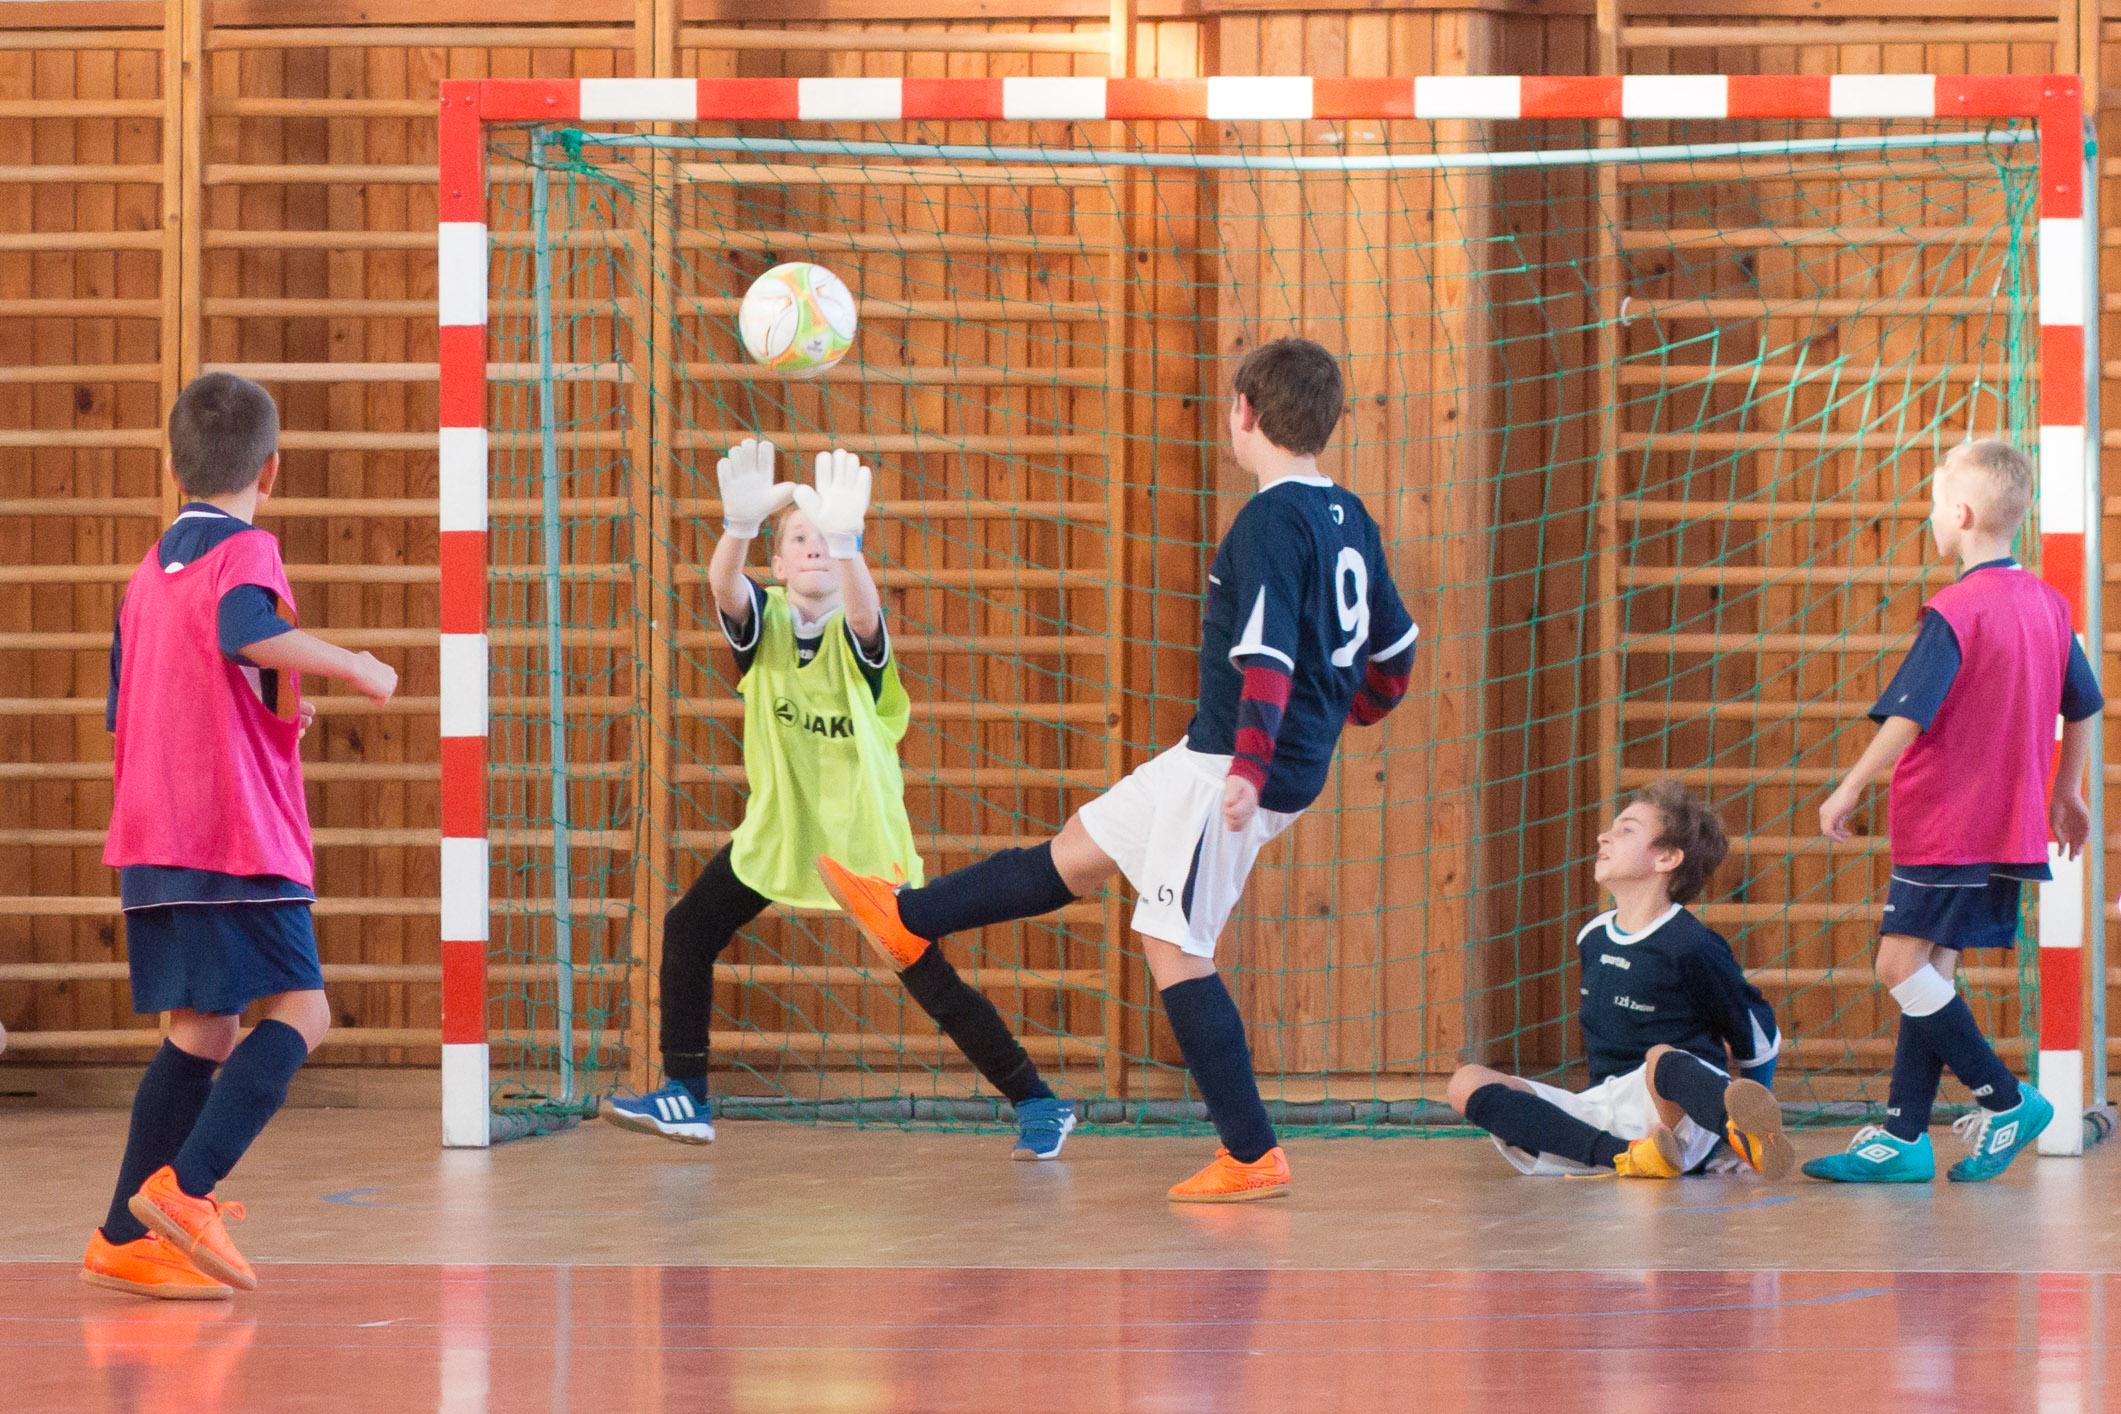 novorocny-turnaj-minifutbal-zvolen-138